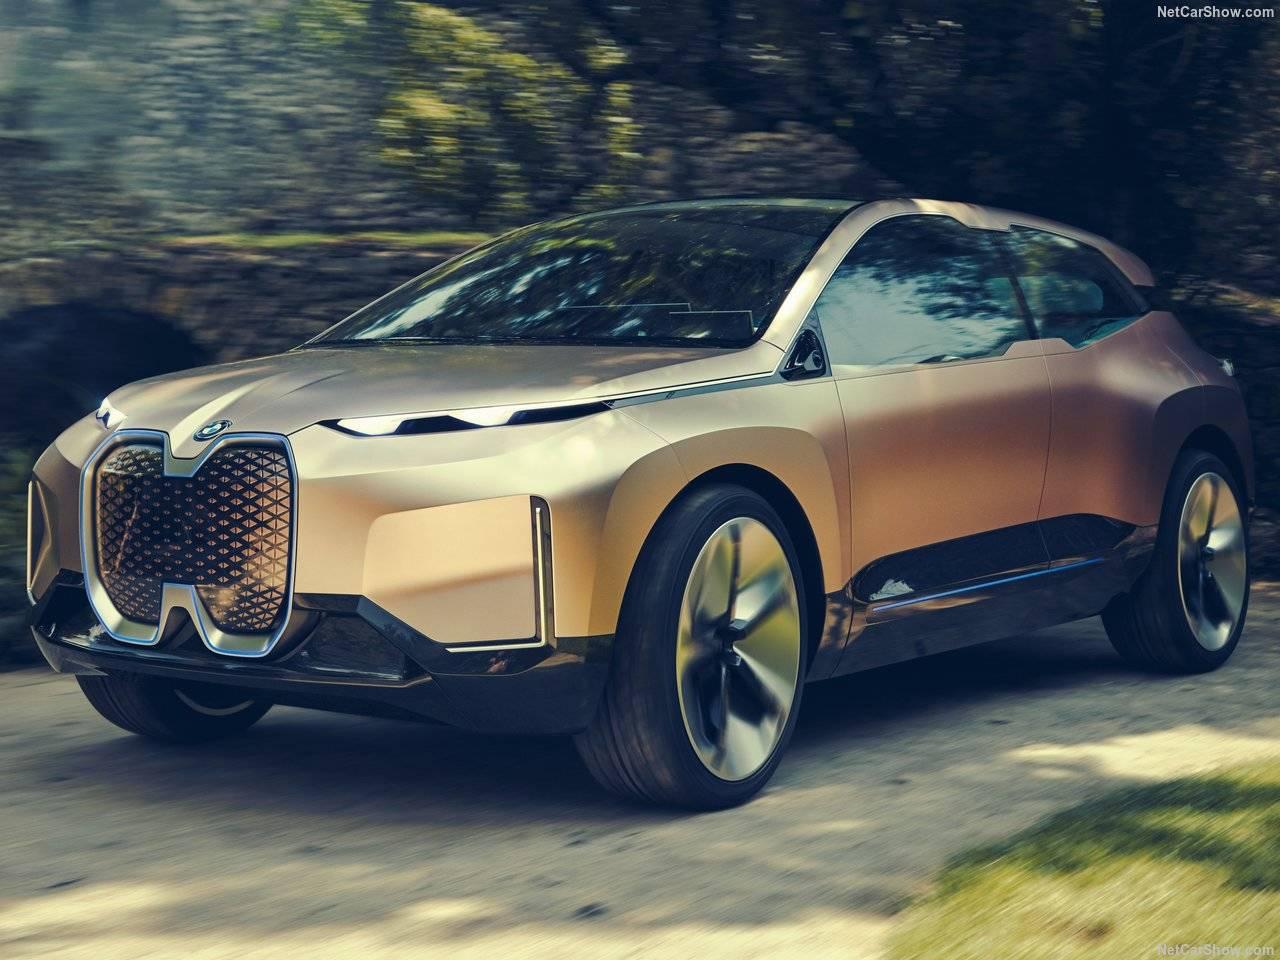 BMW Vision iNEXTConceptを発表!完全自動運転を搭載したSUV(SAV)+ リビングルーム